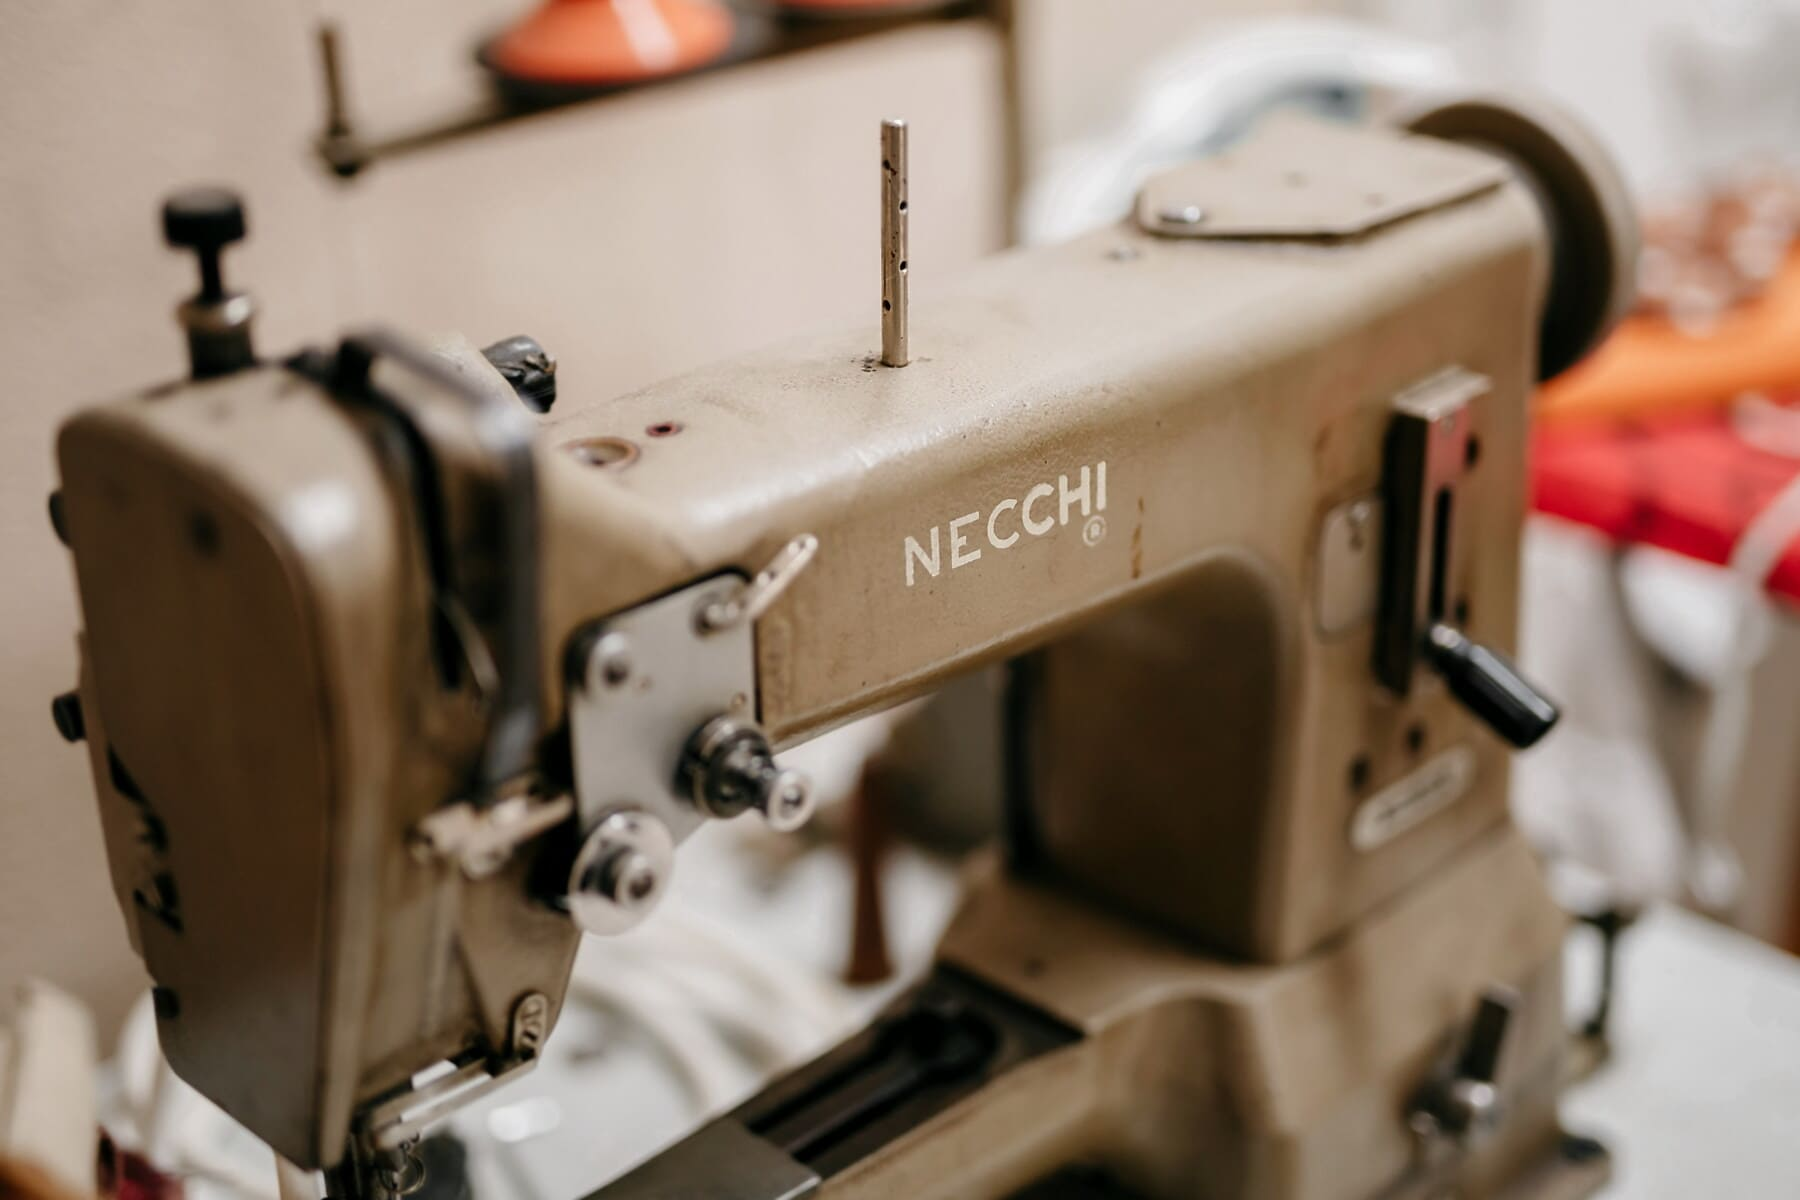 professionelle, Nähmaschine, Wohnzimmer, Werkzeug, Workshop, Mechanismus, Antik, Präzision, industrielle, alt